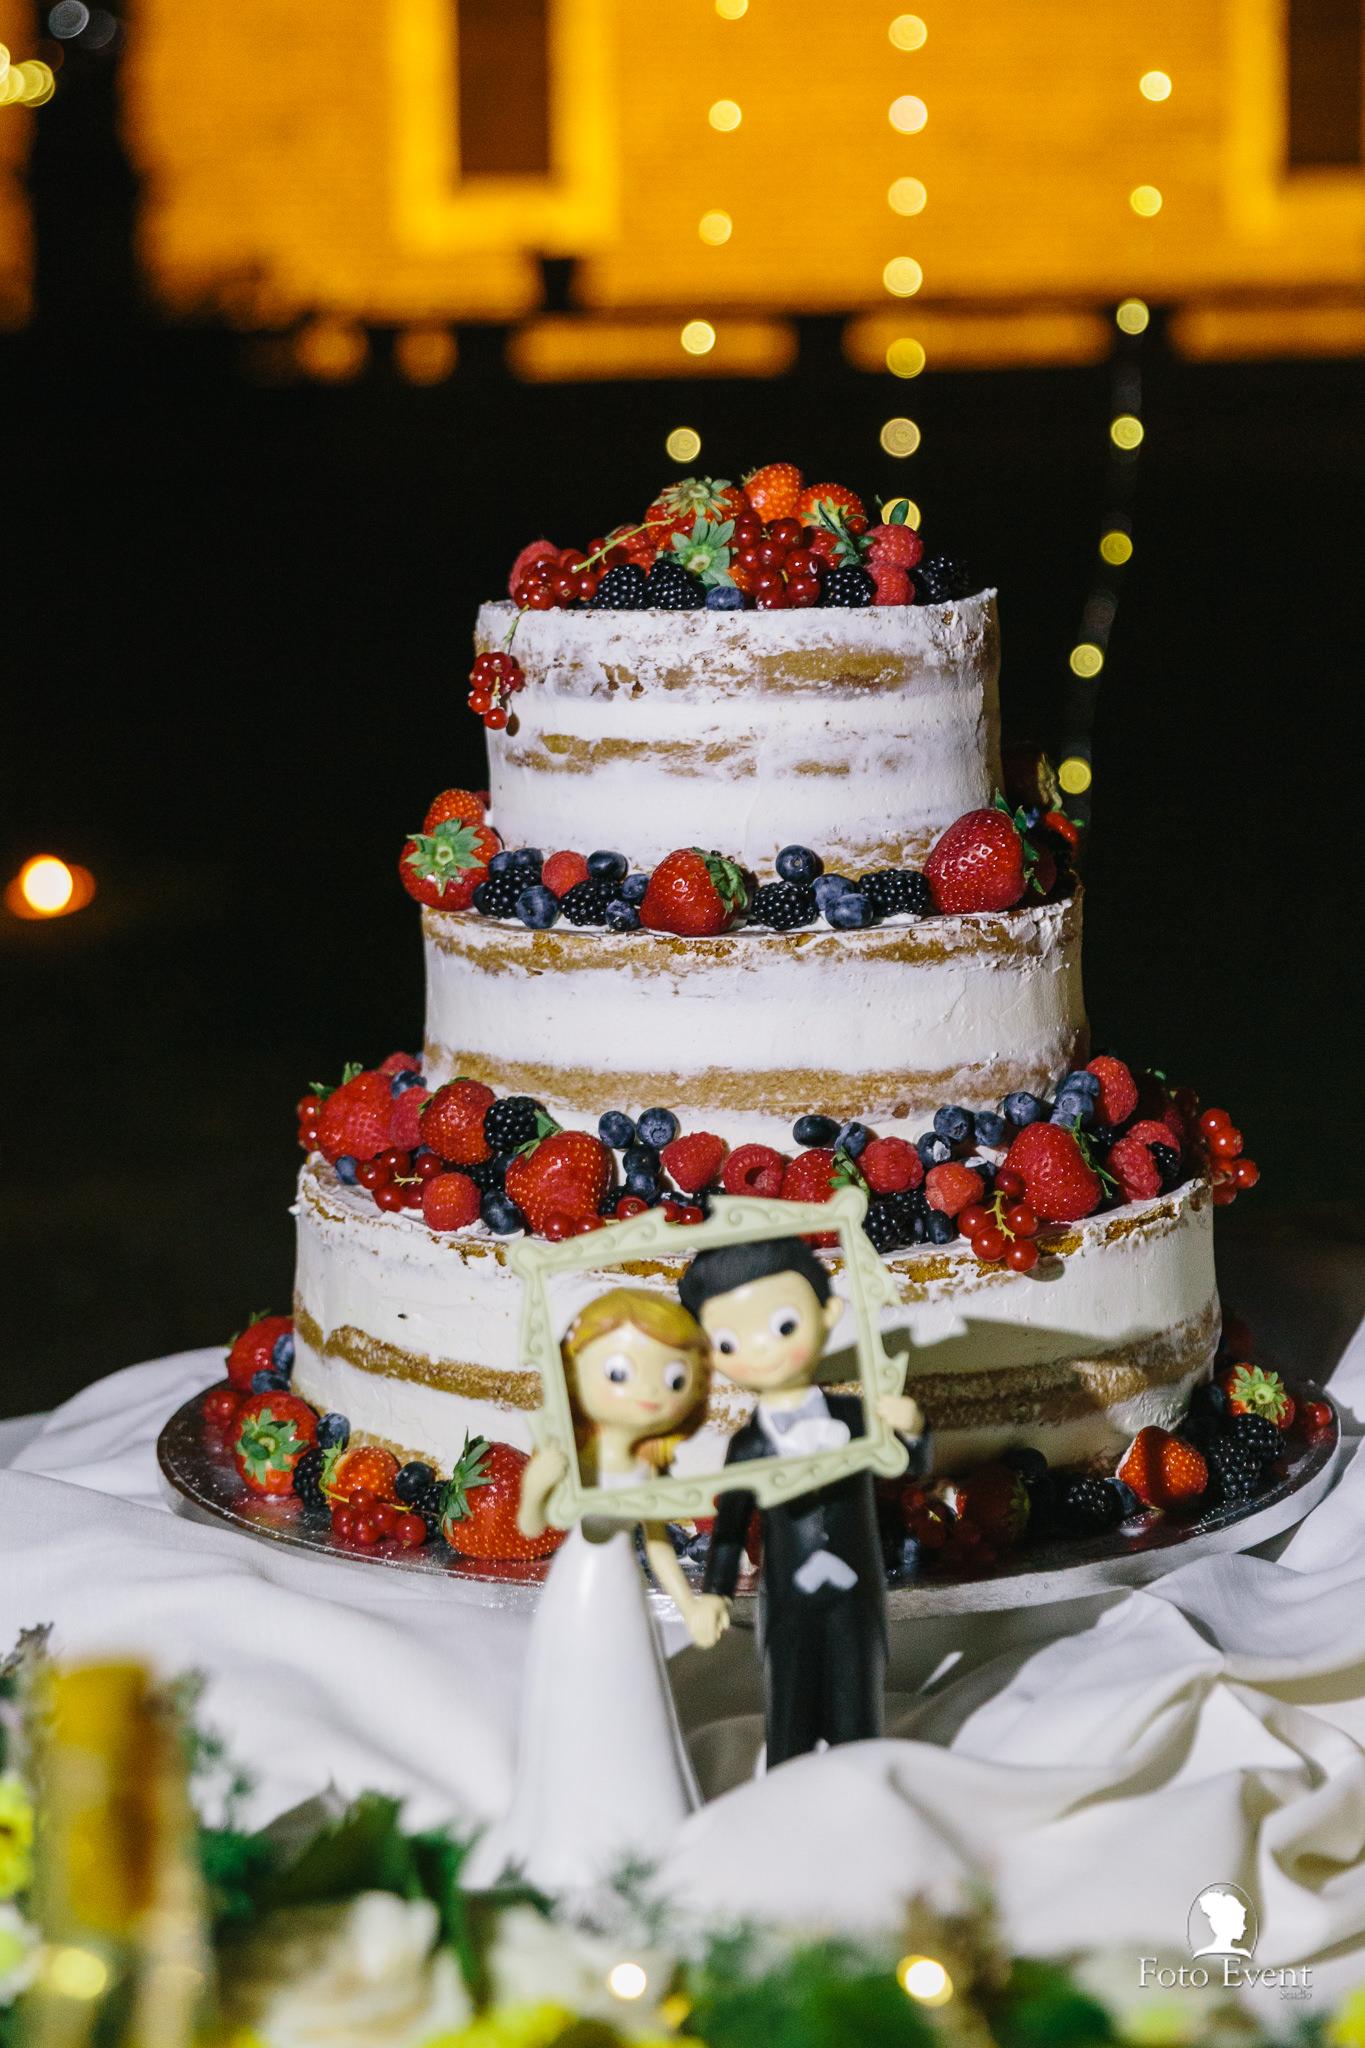 088-2019-07-27-Matrimonio-Valentina-e-Alessandro-Pettinari-5DE-1763